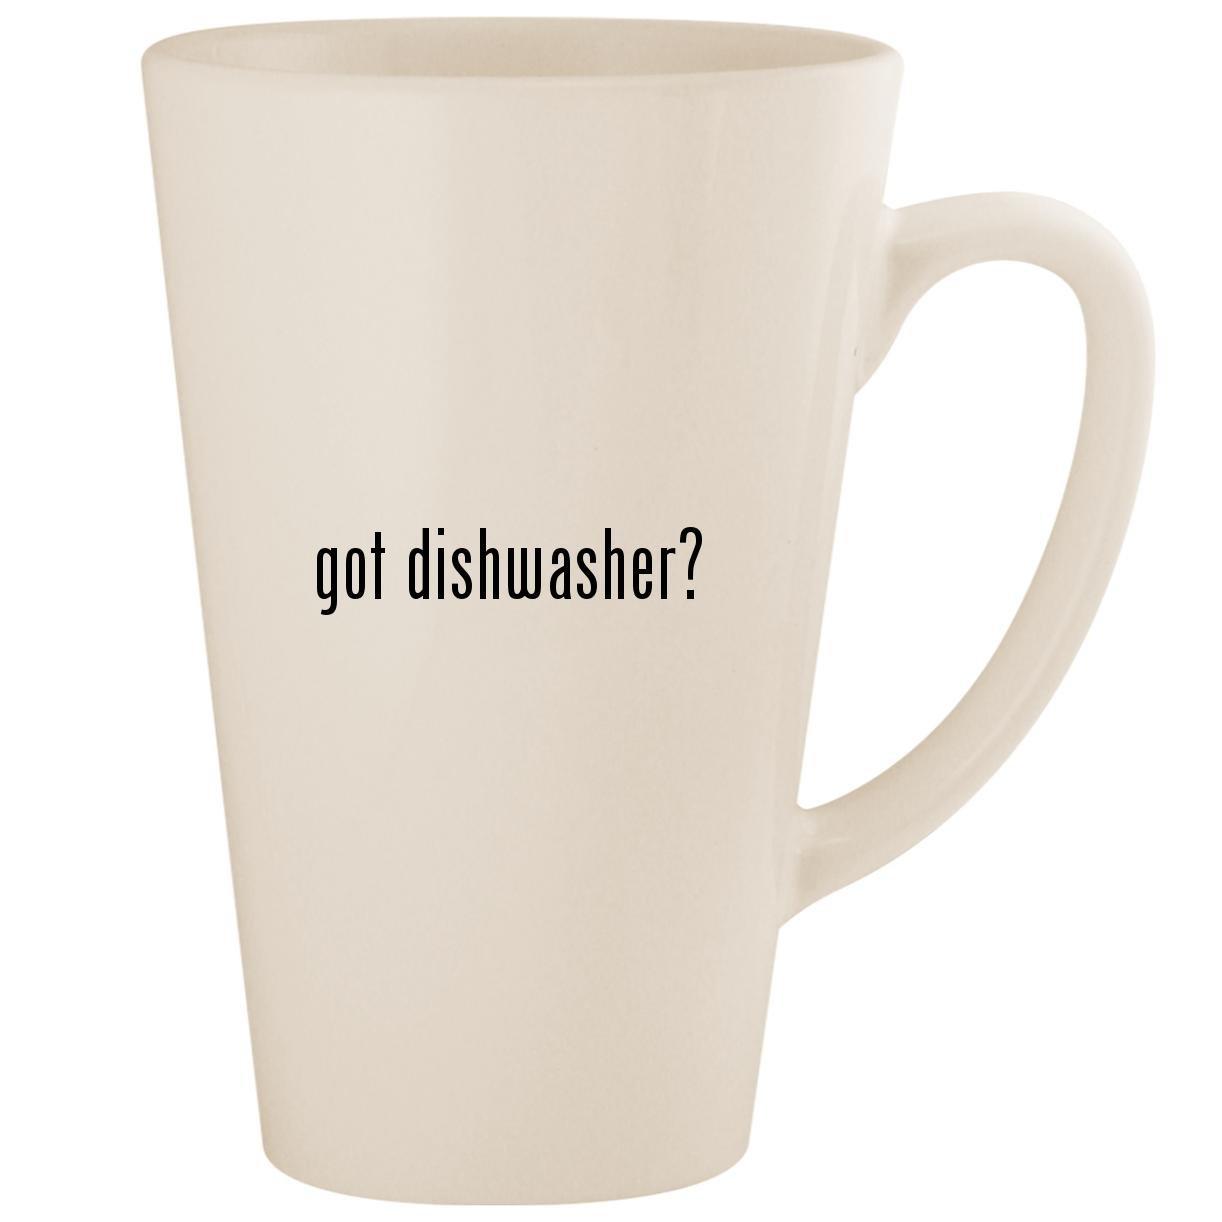 got dishwasher? - White 17oz Ceramic Latte Mug Cup